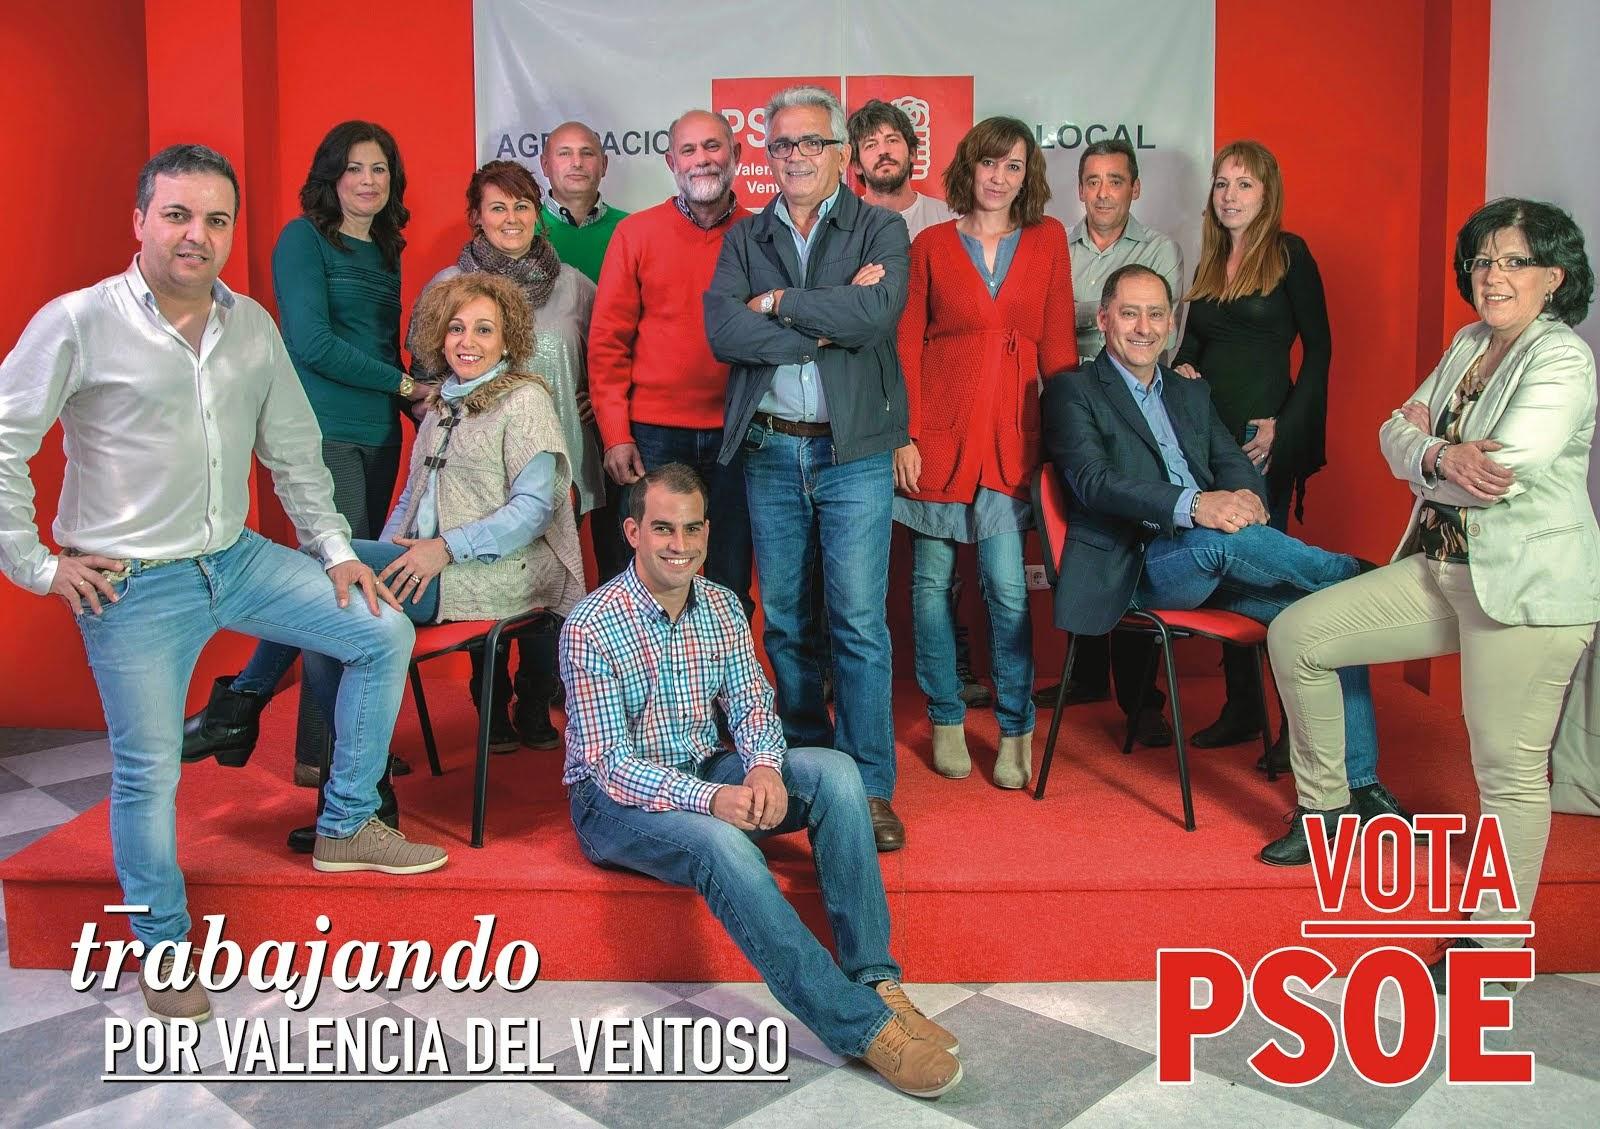 Candidatura del PSOE al Ayuntamiento de Valencia del Ventoso Mayo de 2015